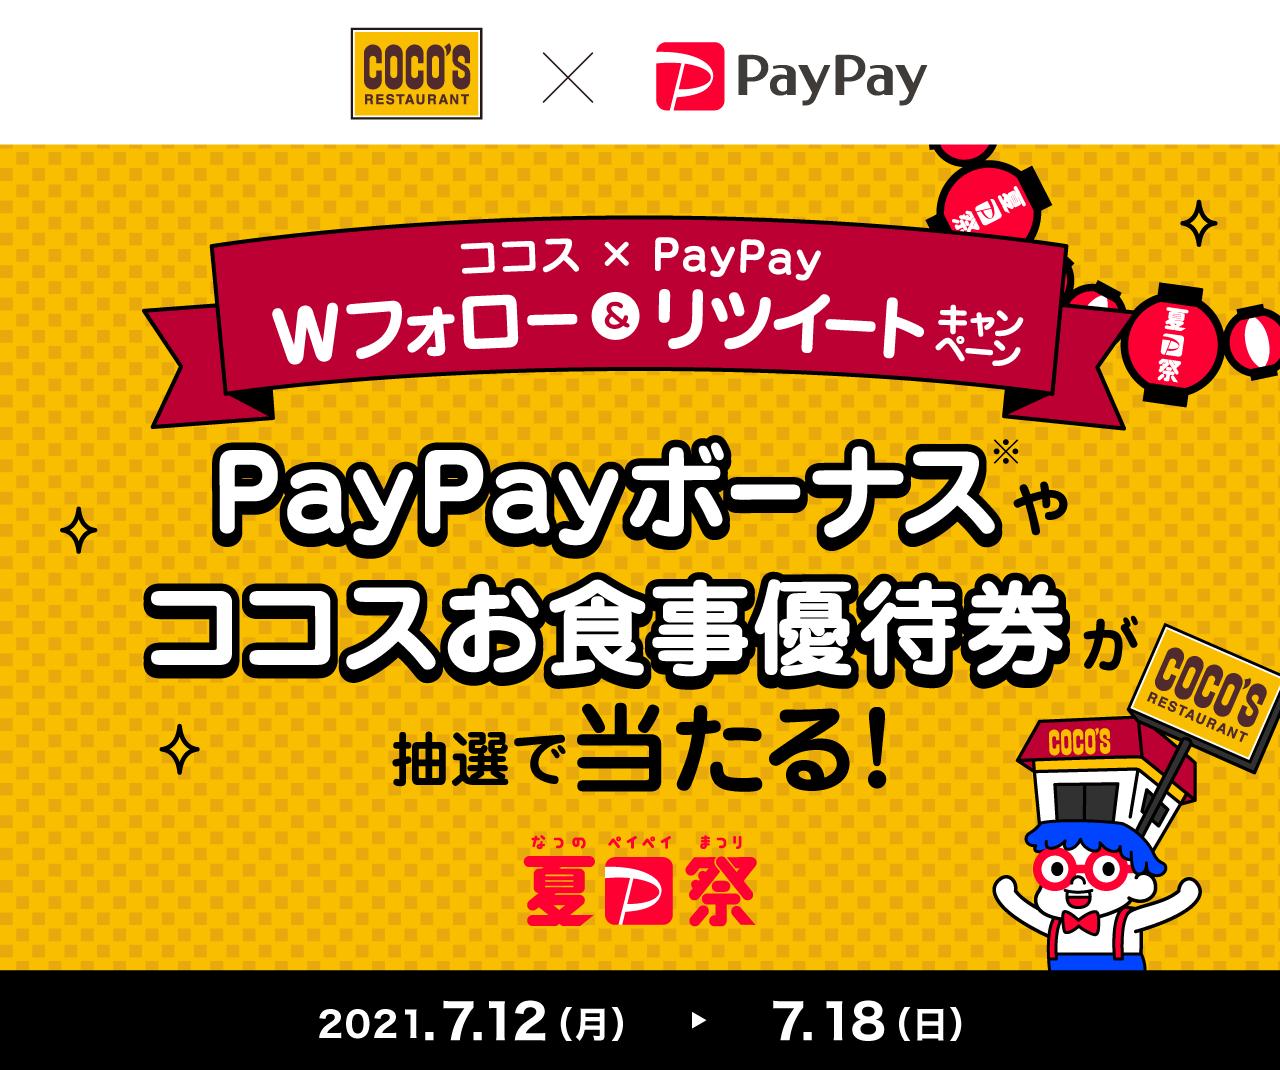 ココス×PayPay Wフォロー&リツイートキャンペーン PayPayボーナスやココスお食事優待券が抽選で当たる!